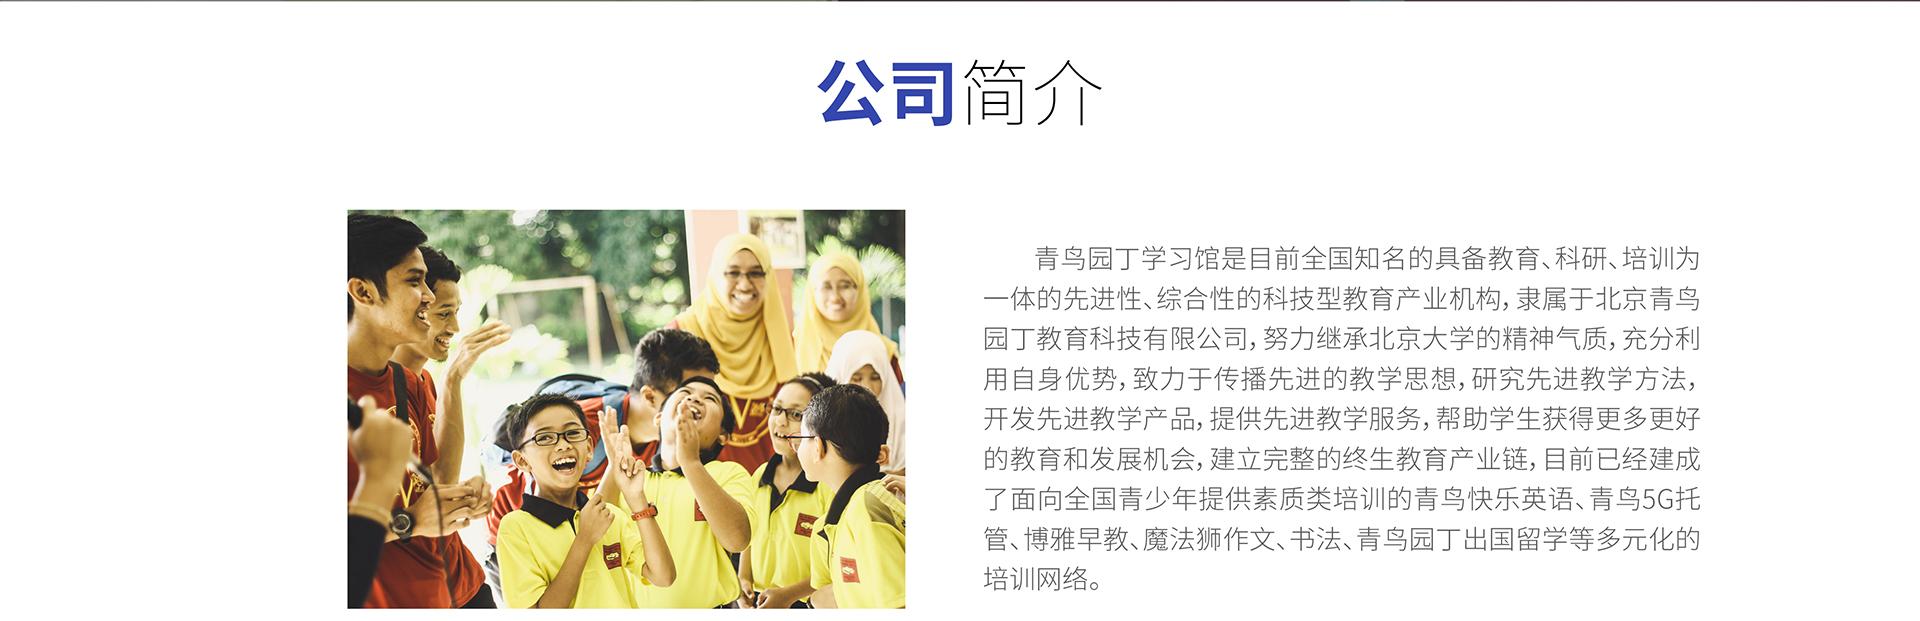 青鸟园丁学习馆qnyd_03